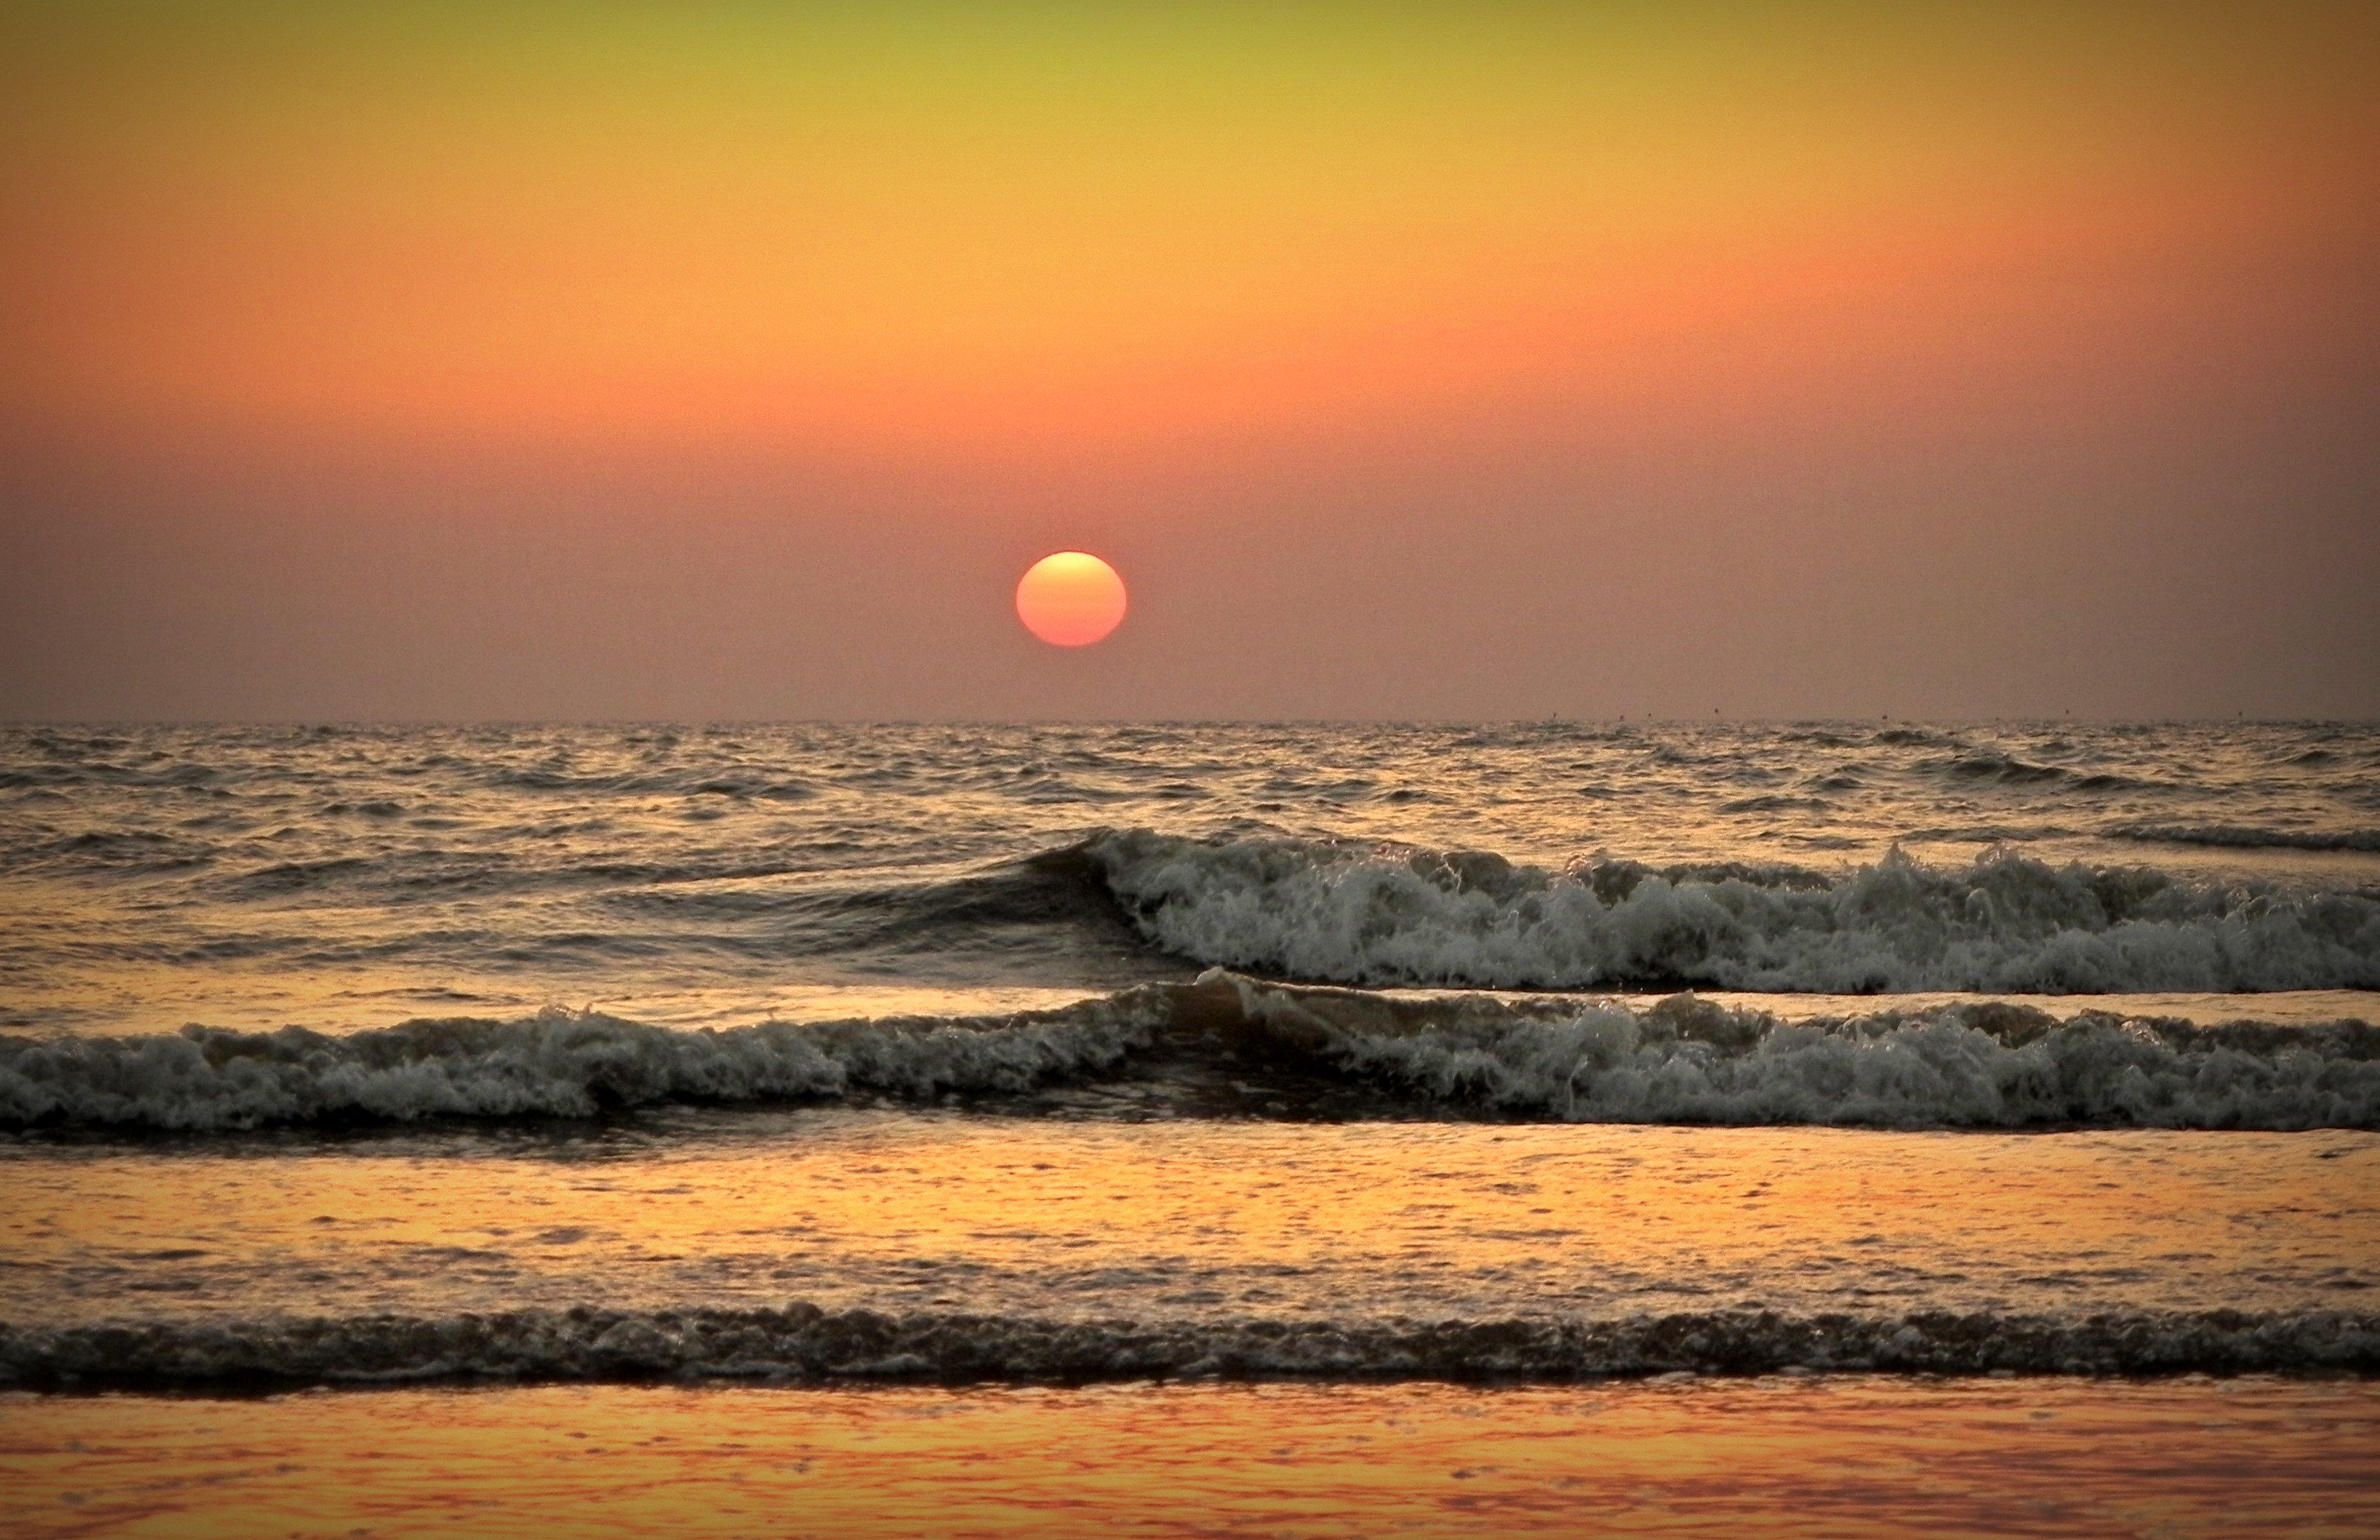 Sunset at the Juhu Beach